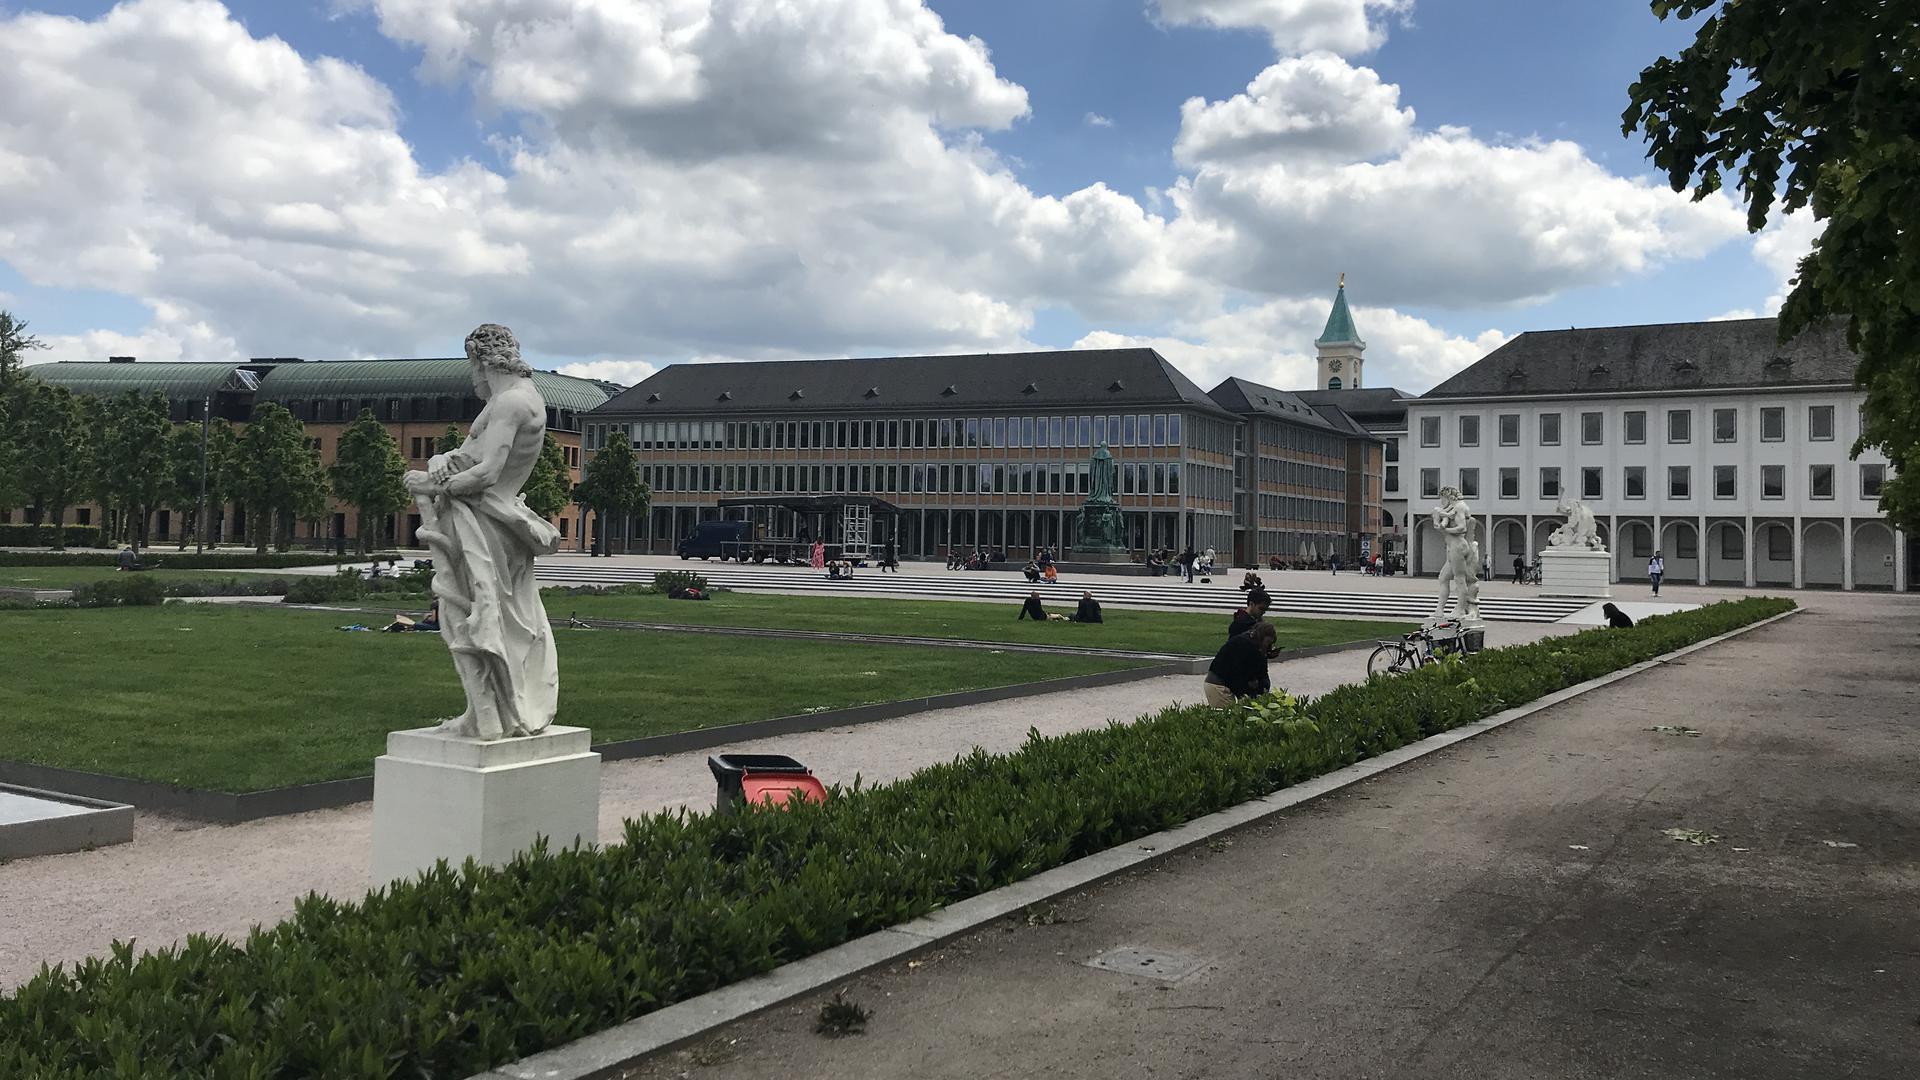 Beliebter Treffpunkt, aber weit und breit kein Klo: Das kritisiert ein Karlsruher in einem Online-Beteiligungsverfahren zur Zukunft der Innenstadt.